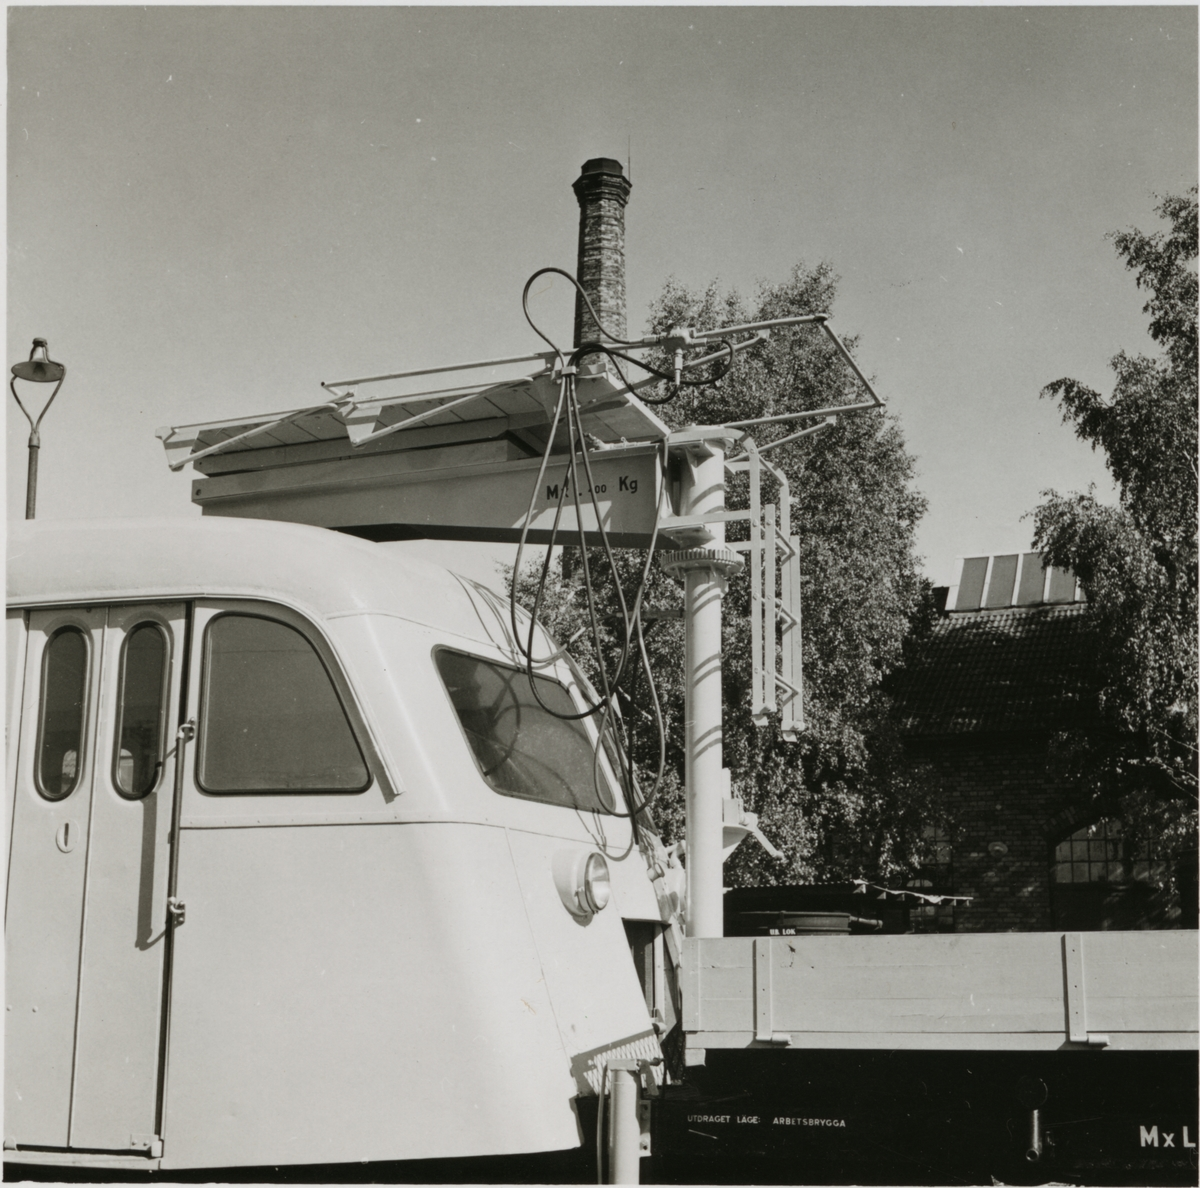 Detaljbild på del av motordressin med flak och arbetsplattform.